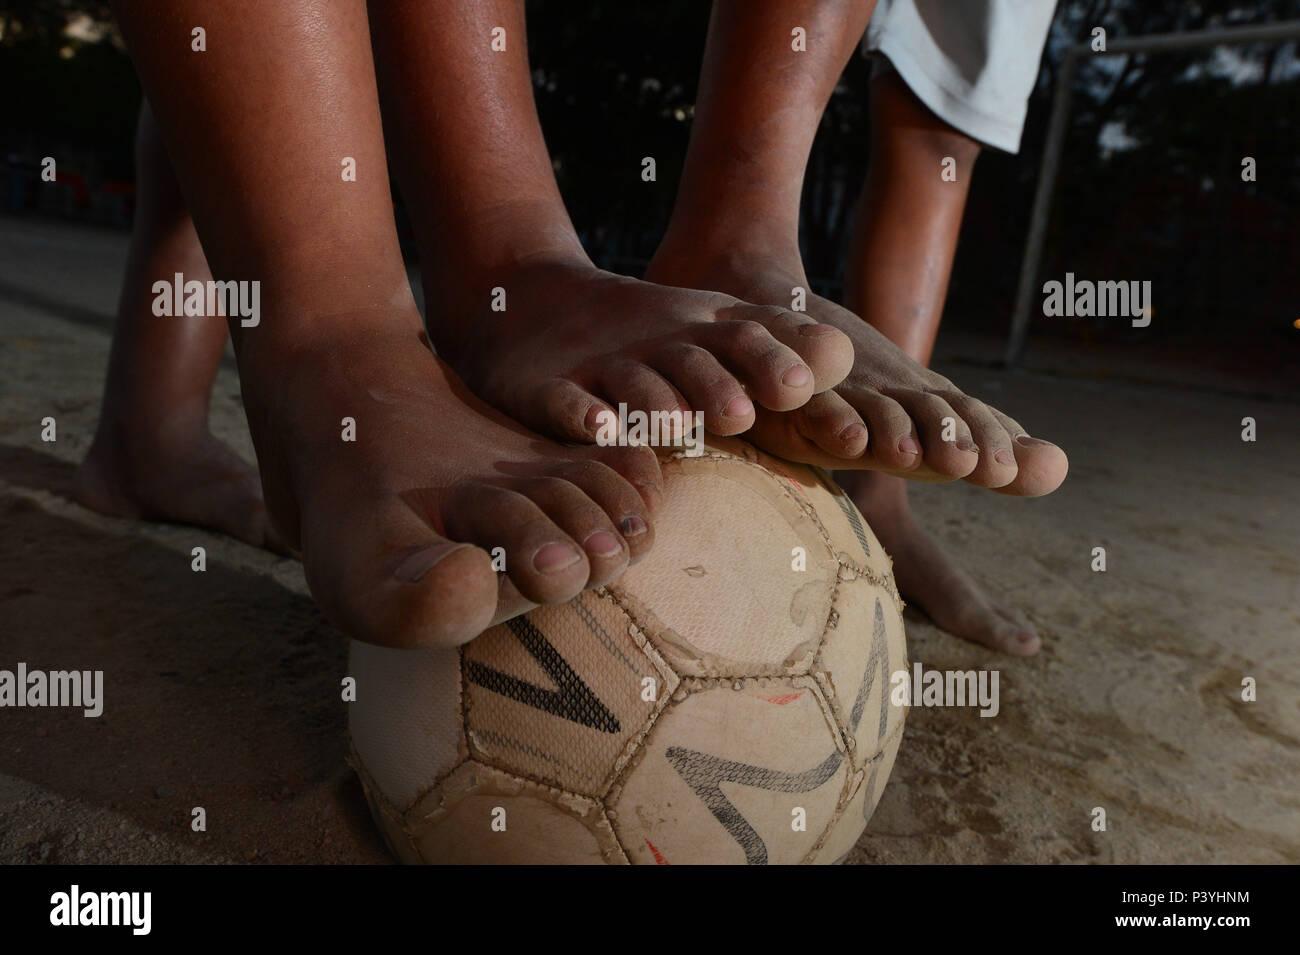 Crianças da Comunidade carente de Rio das Pedras na zona oeste do rio , com os Pés sujos de terra batida sobre uma bola de futebol. Foto de stock